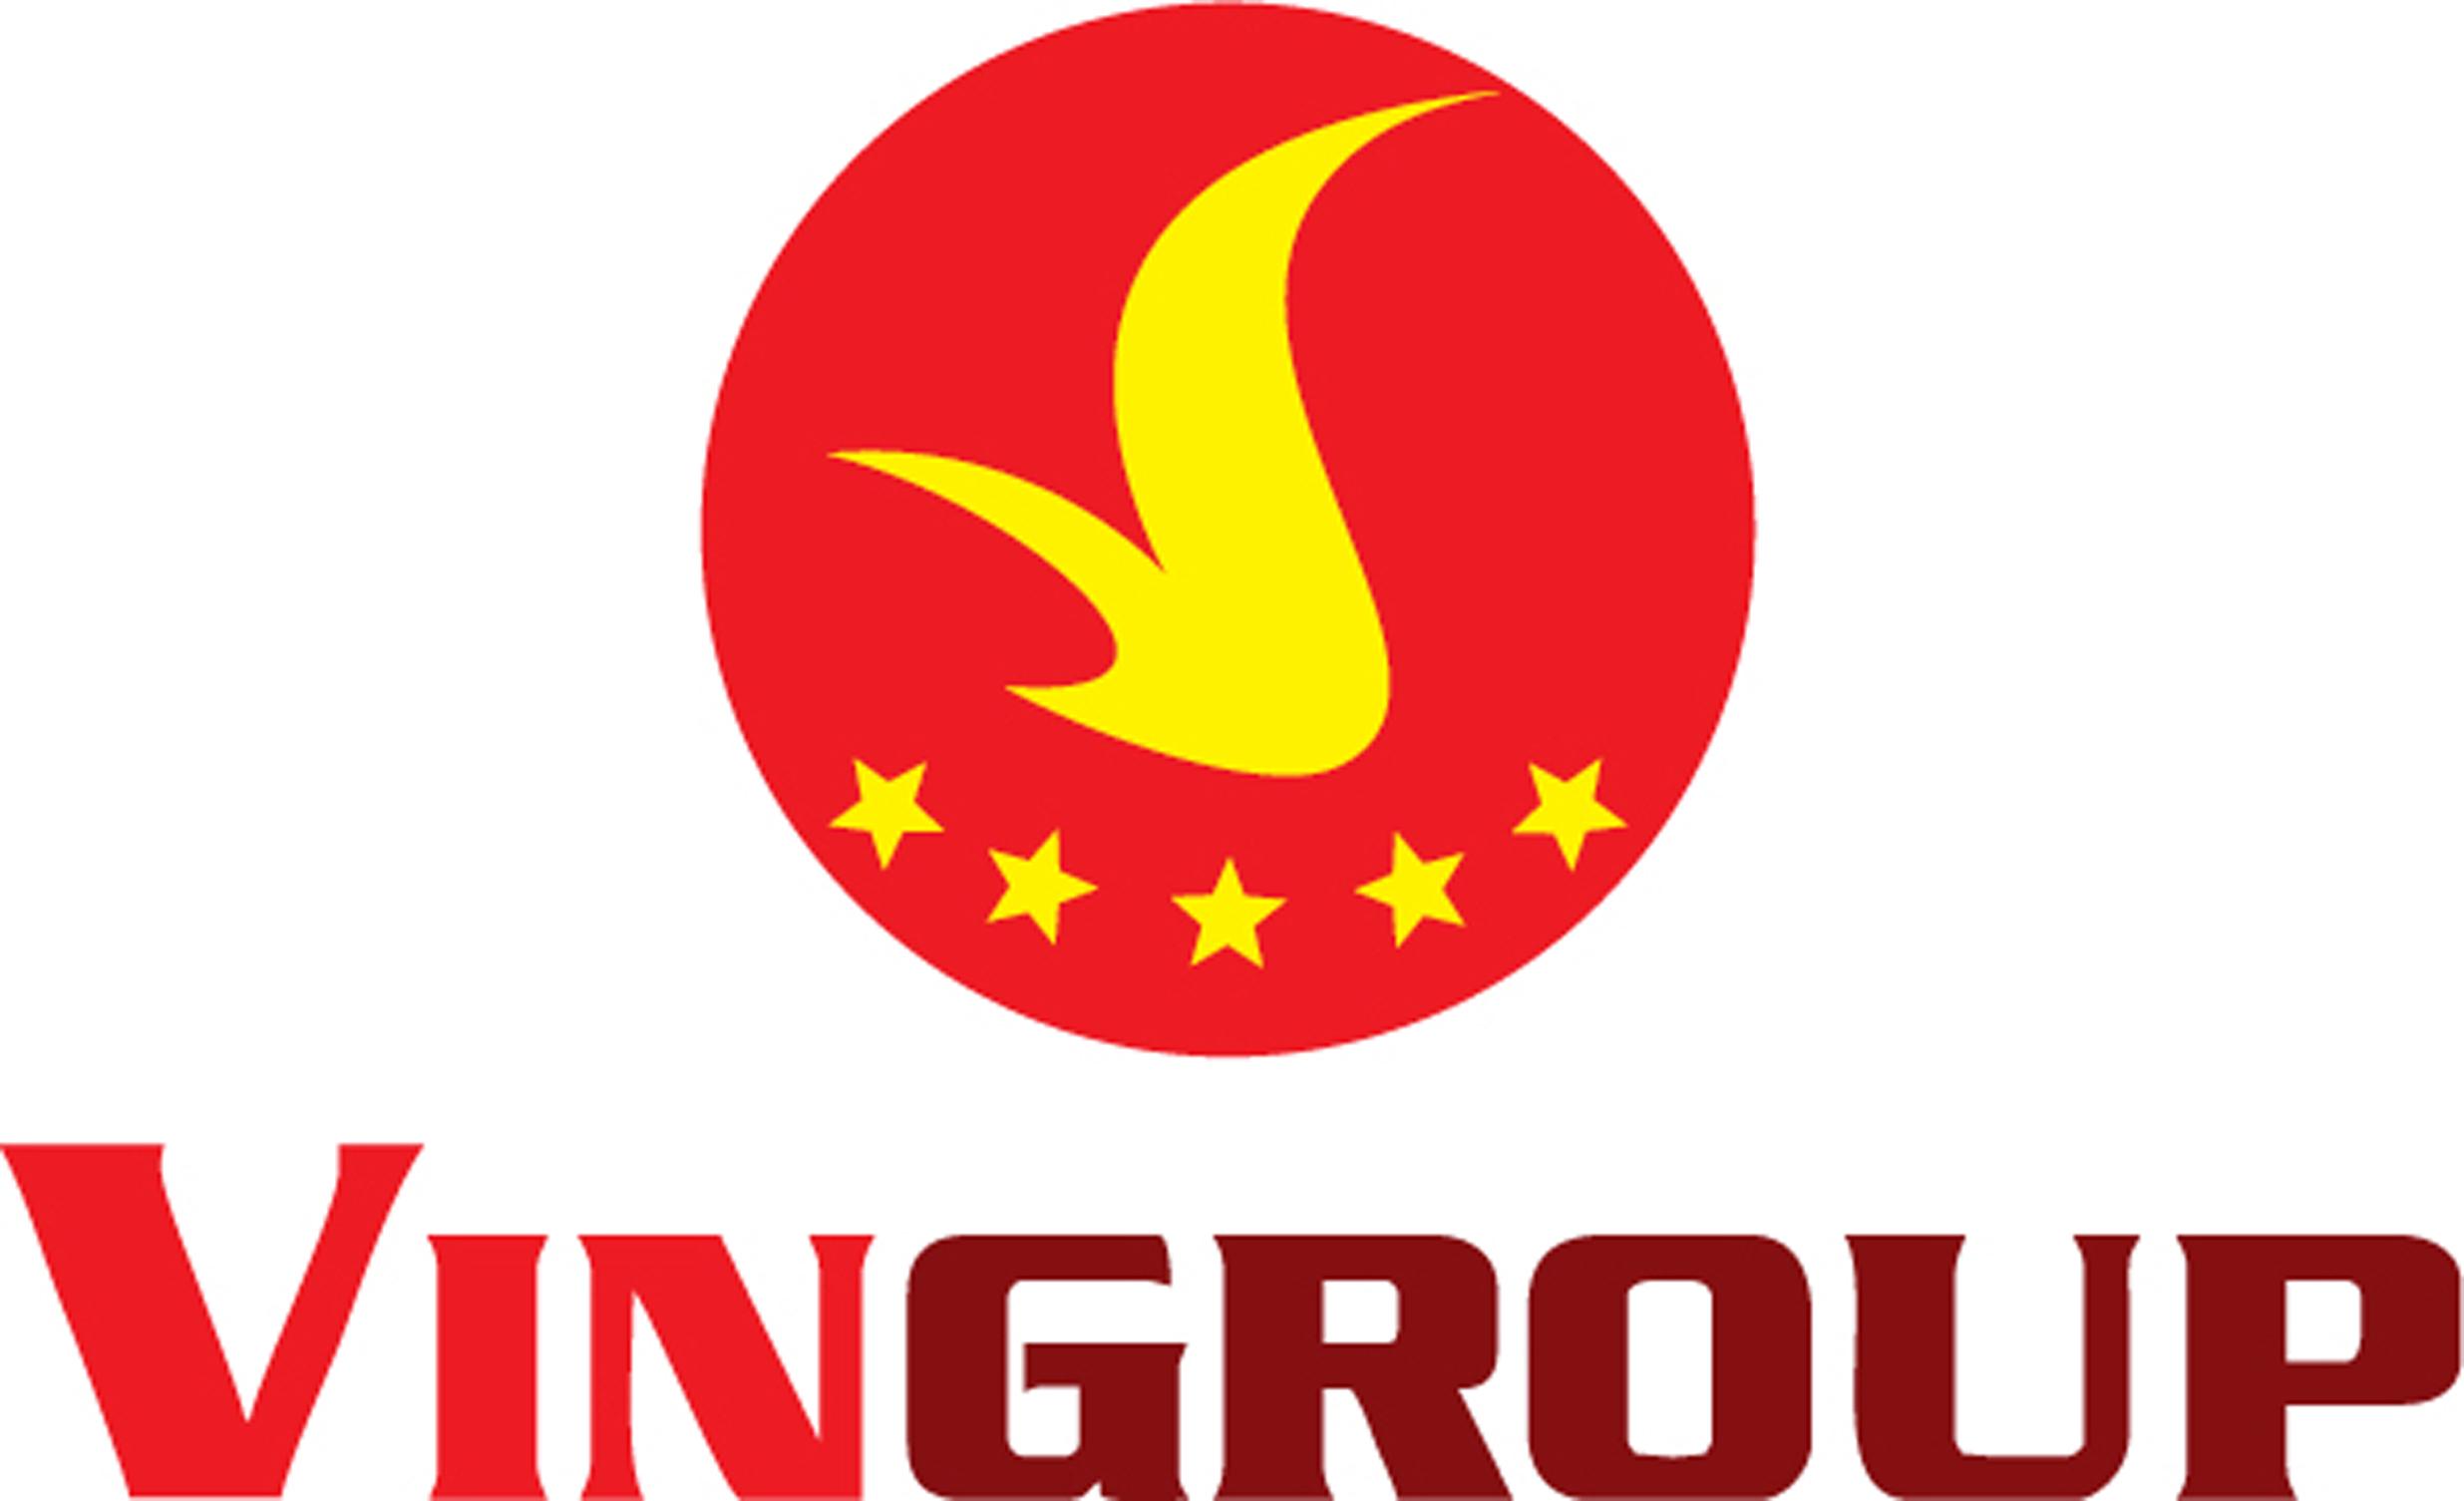 Vingroup PNG - 107419